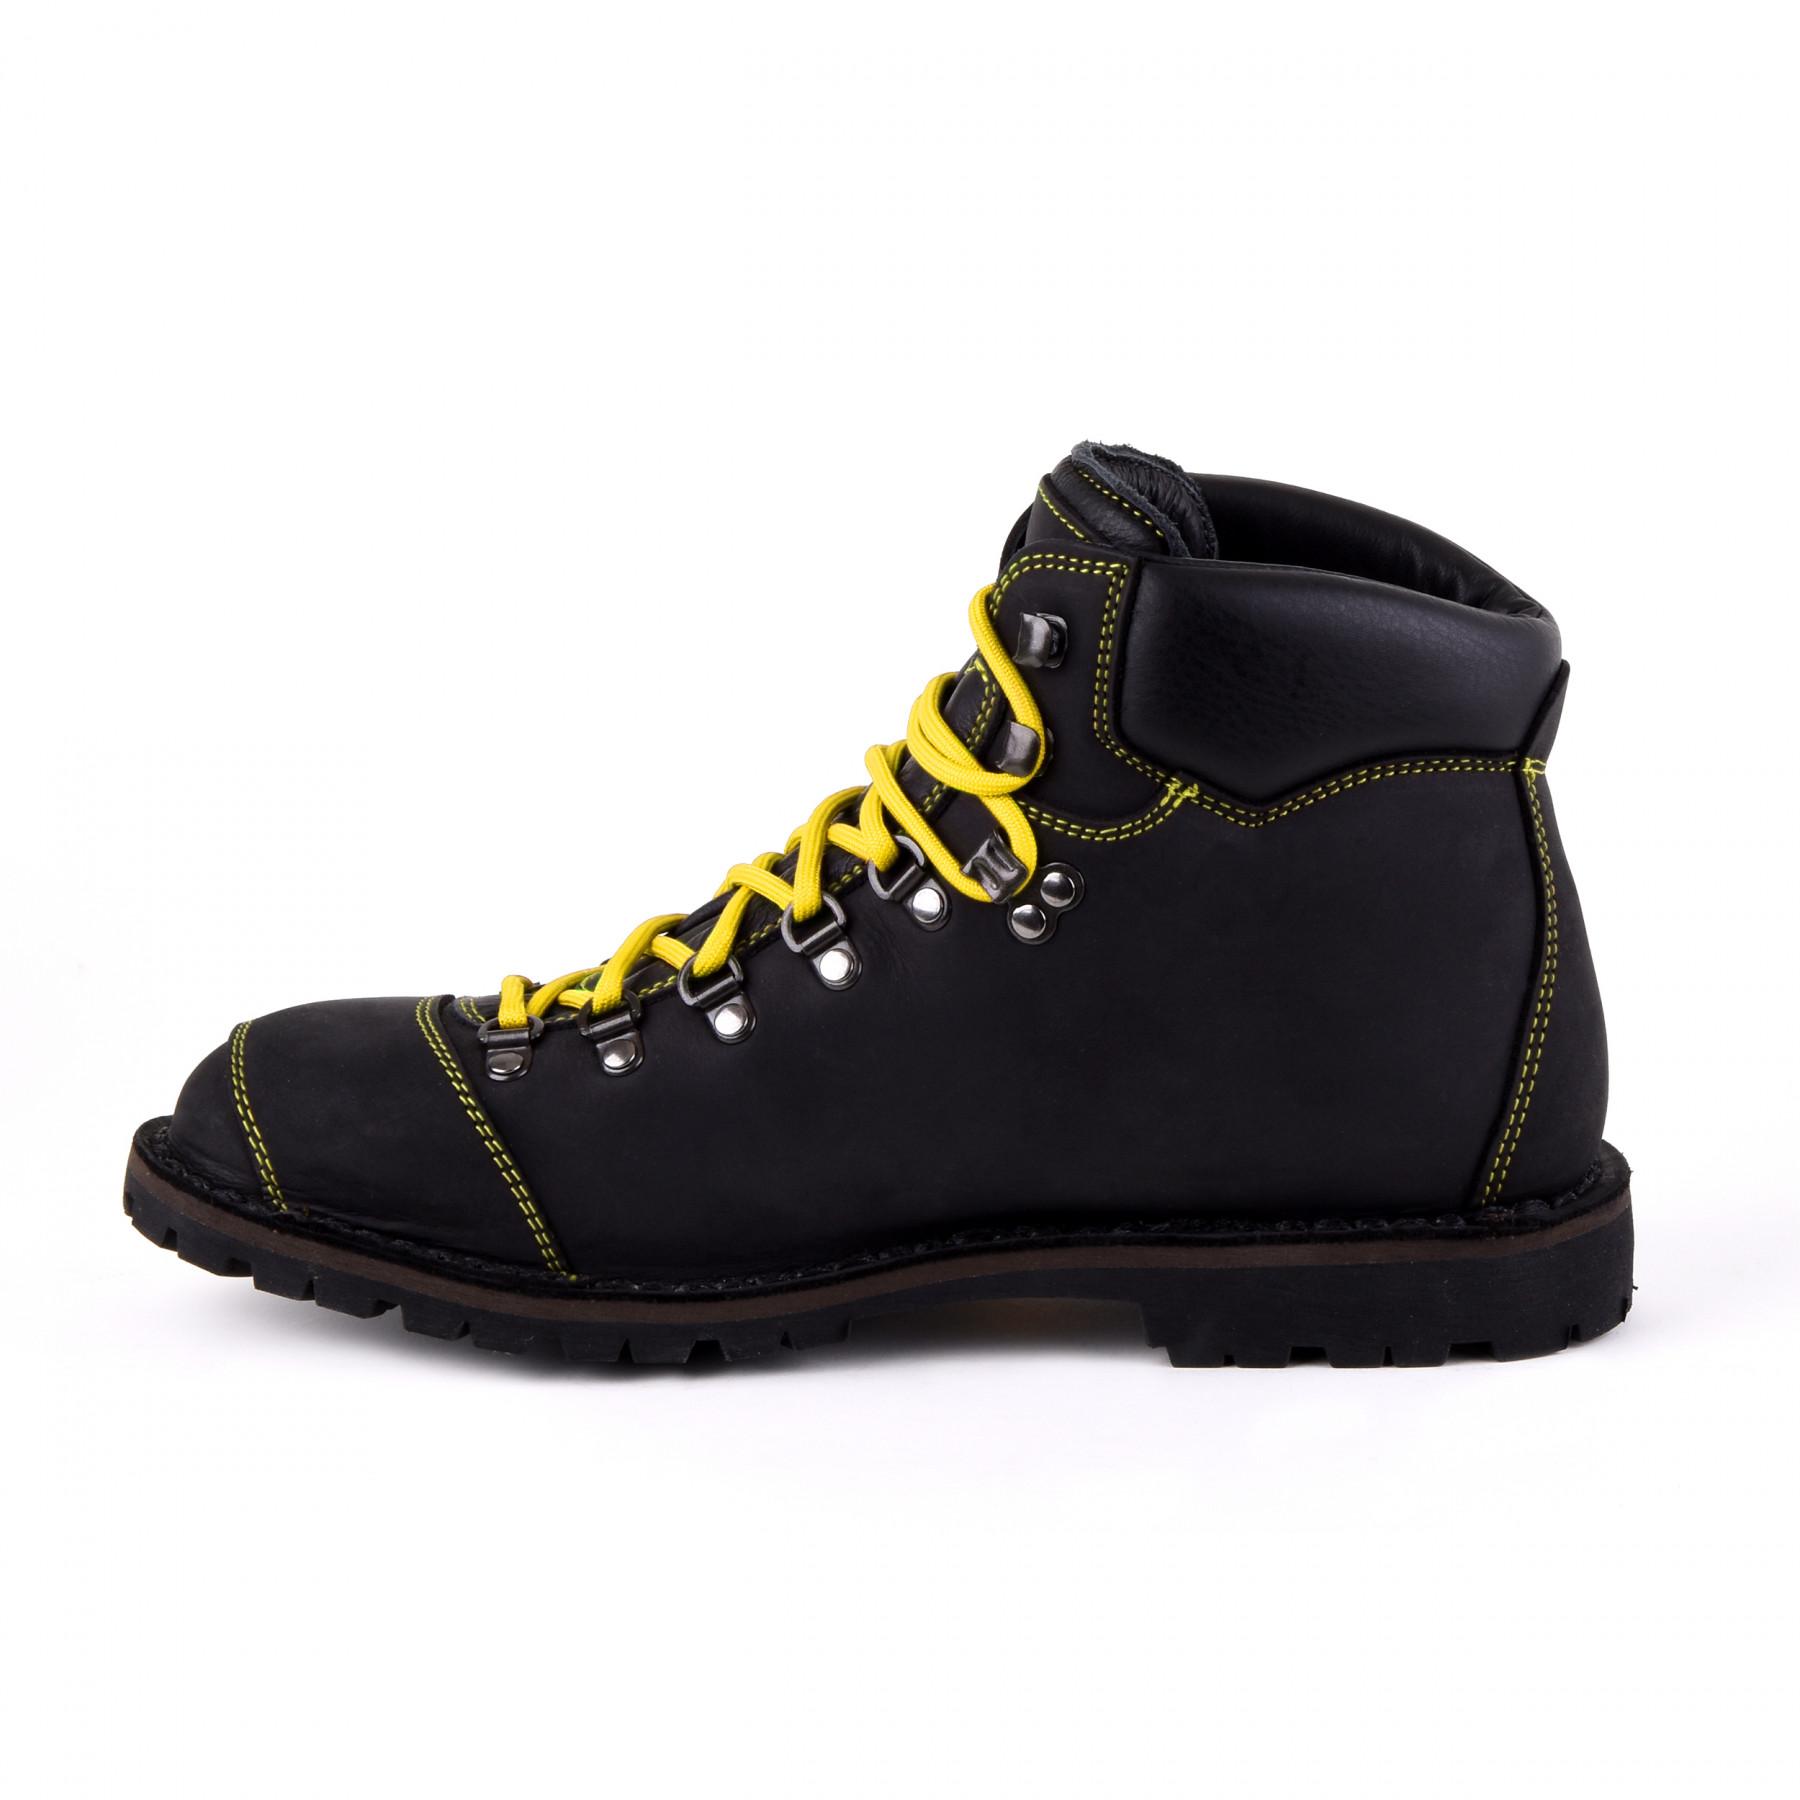 Biker Boot Adventure Denver Black, schwarze Herren Stiefel, gelbe Nähte